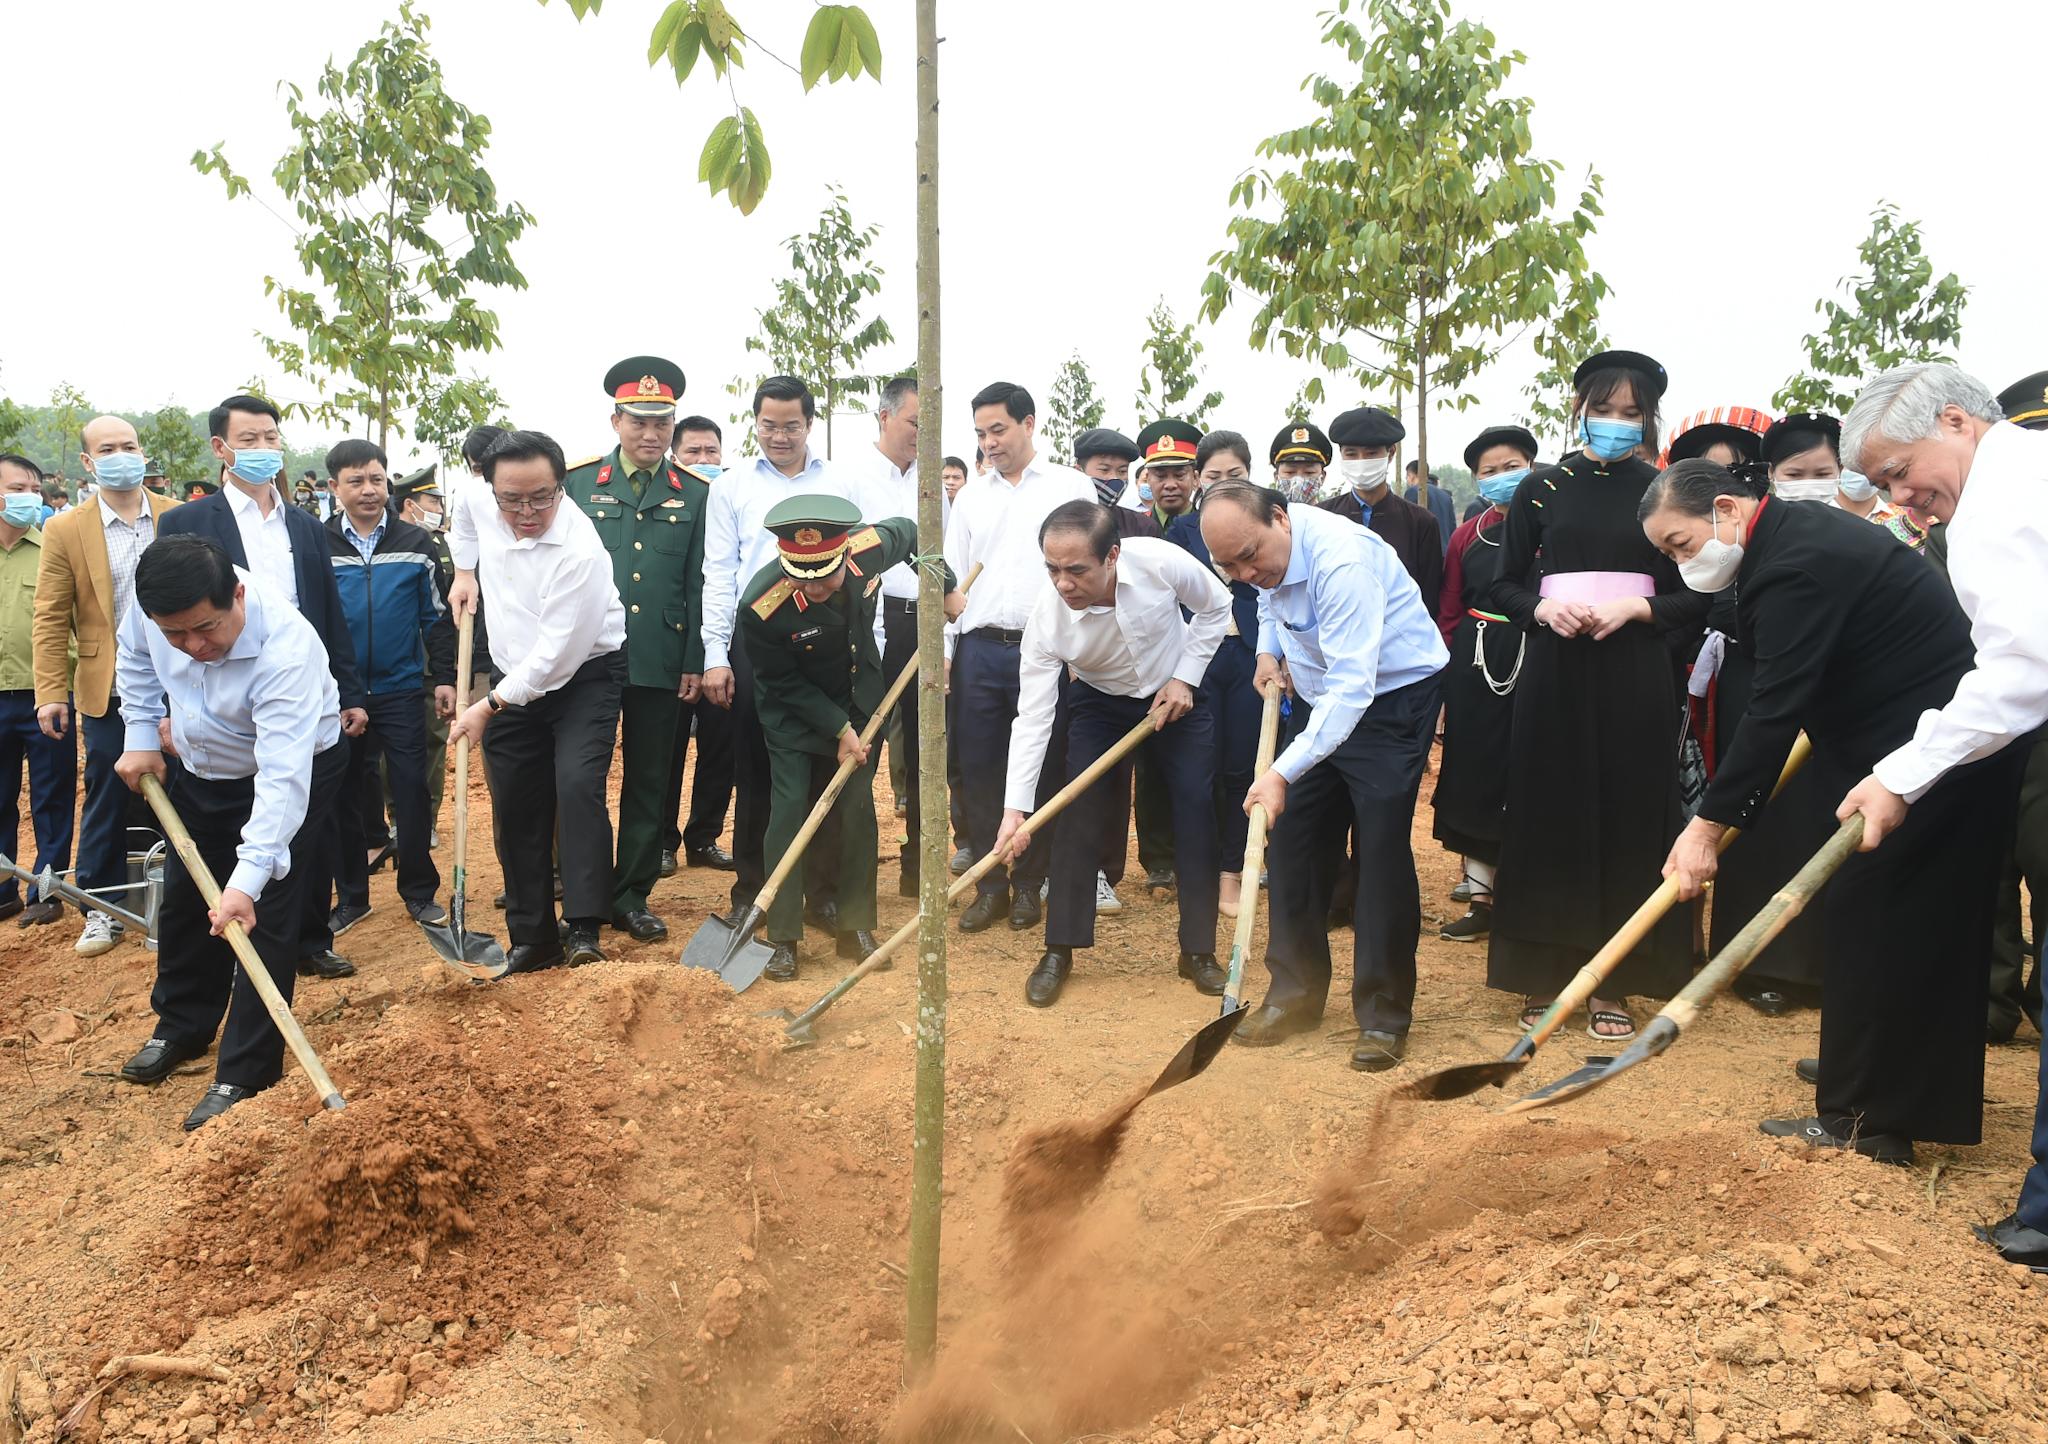 Thủ tướng Nguyễn Xuân Phúc, Bí thư Trung ương Đảng, Bộ trưởng, Chủ nhiệm Ủy ban Dân tộc Đỗ Văn Chiến dự Tết trồng cây hưởng ứng Chương trình trồng 1 tỷ cây xanh (Ảnh Quang Hiếu)